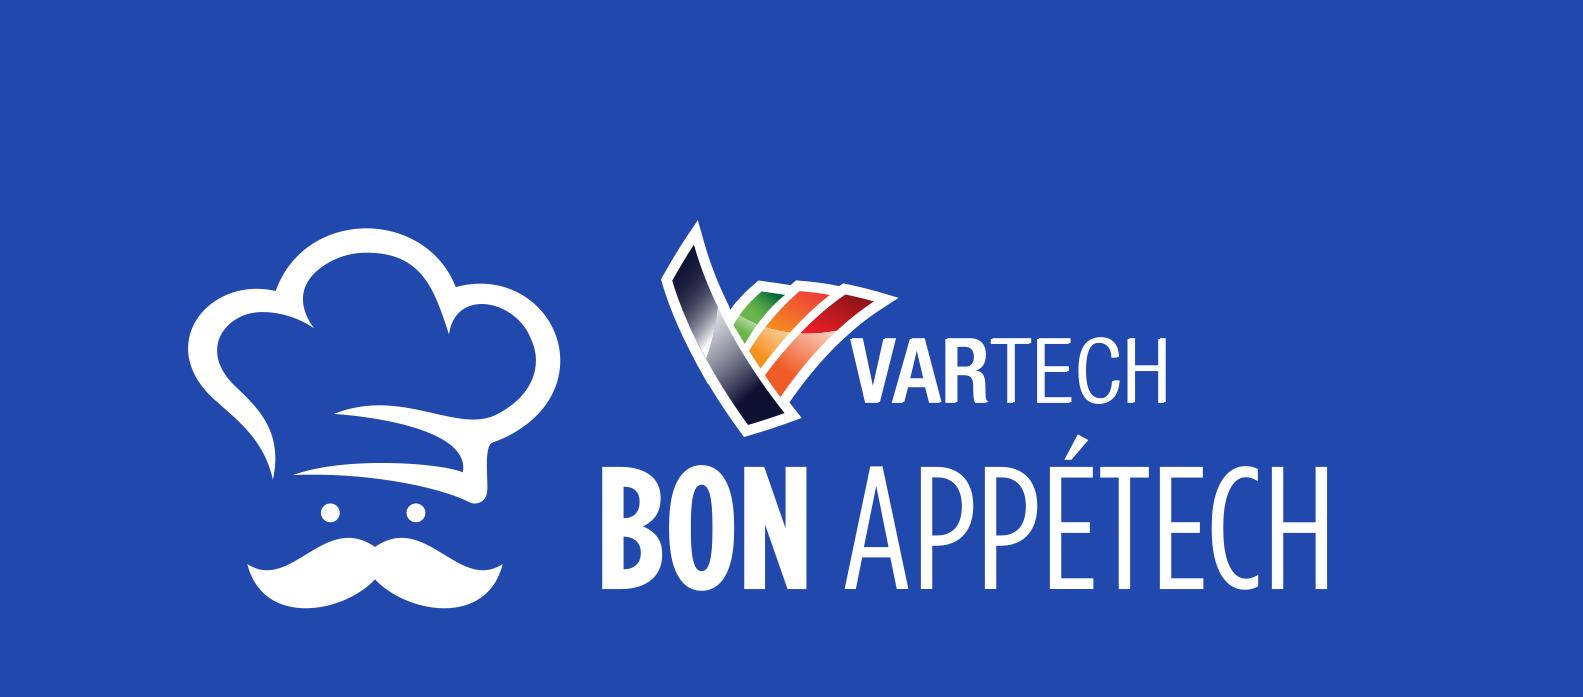 Vartech-Events-Info_02